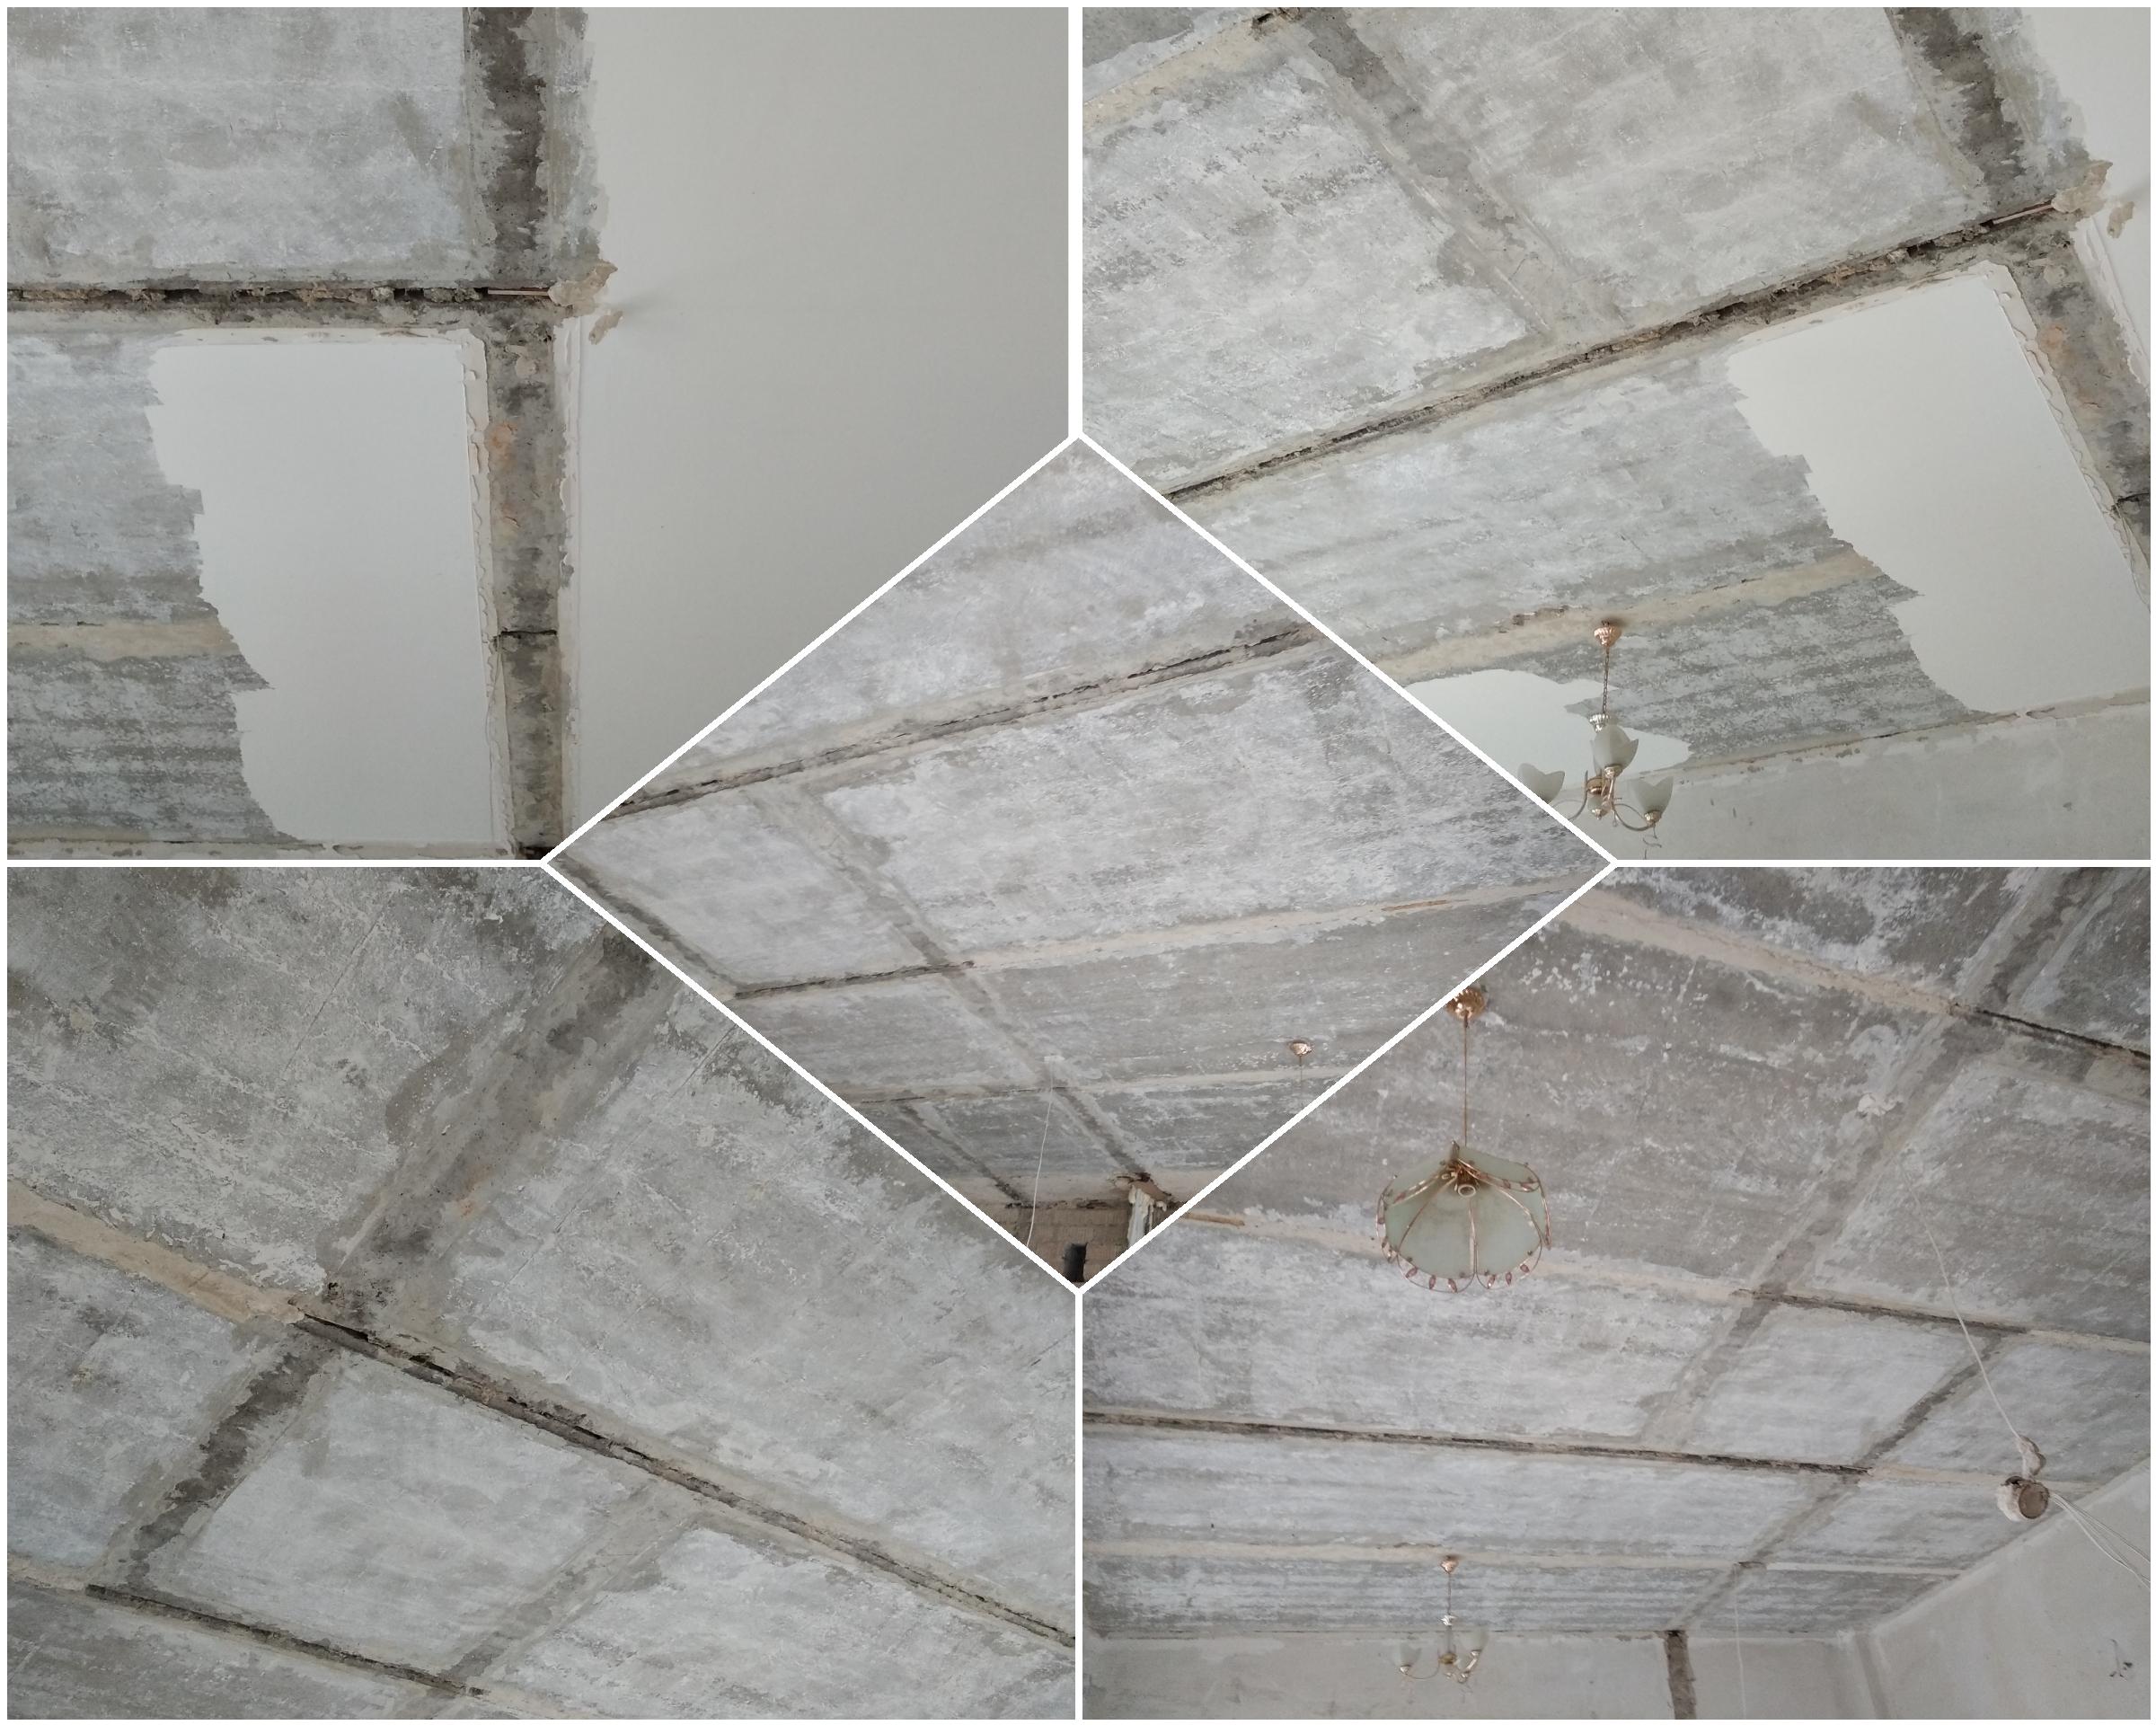 Фото Очистка потолка от старой шпаклёвки. Шпаклёвка окрашена водостойкой краской.